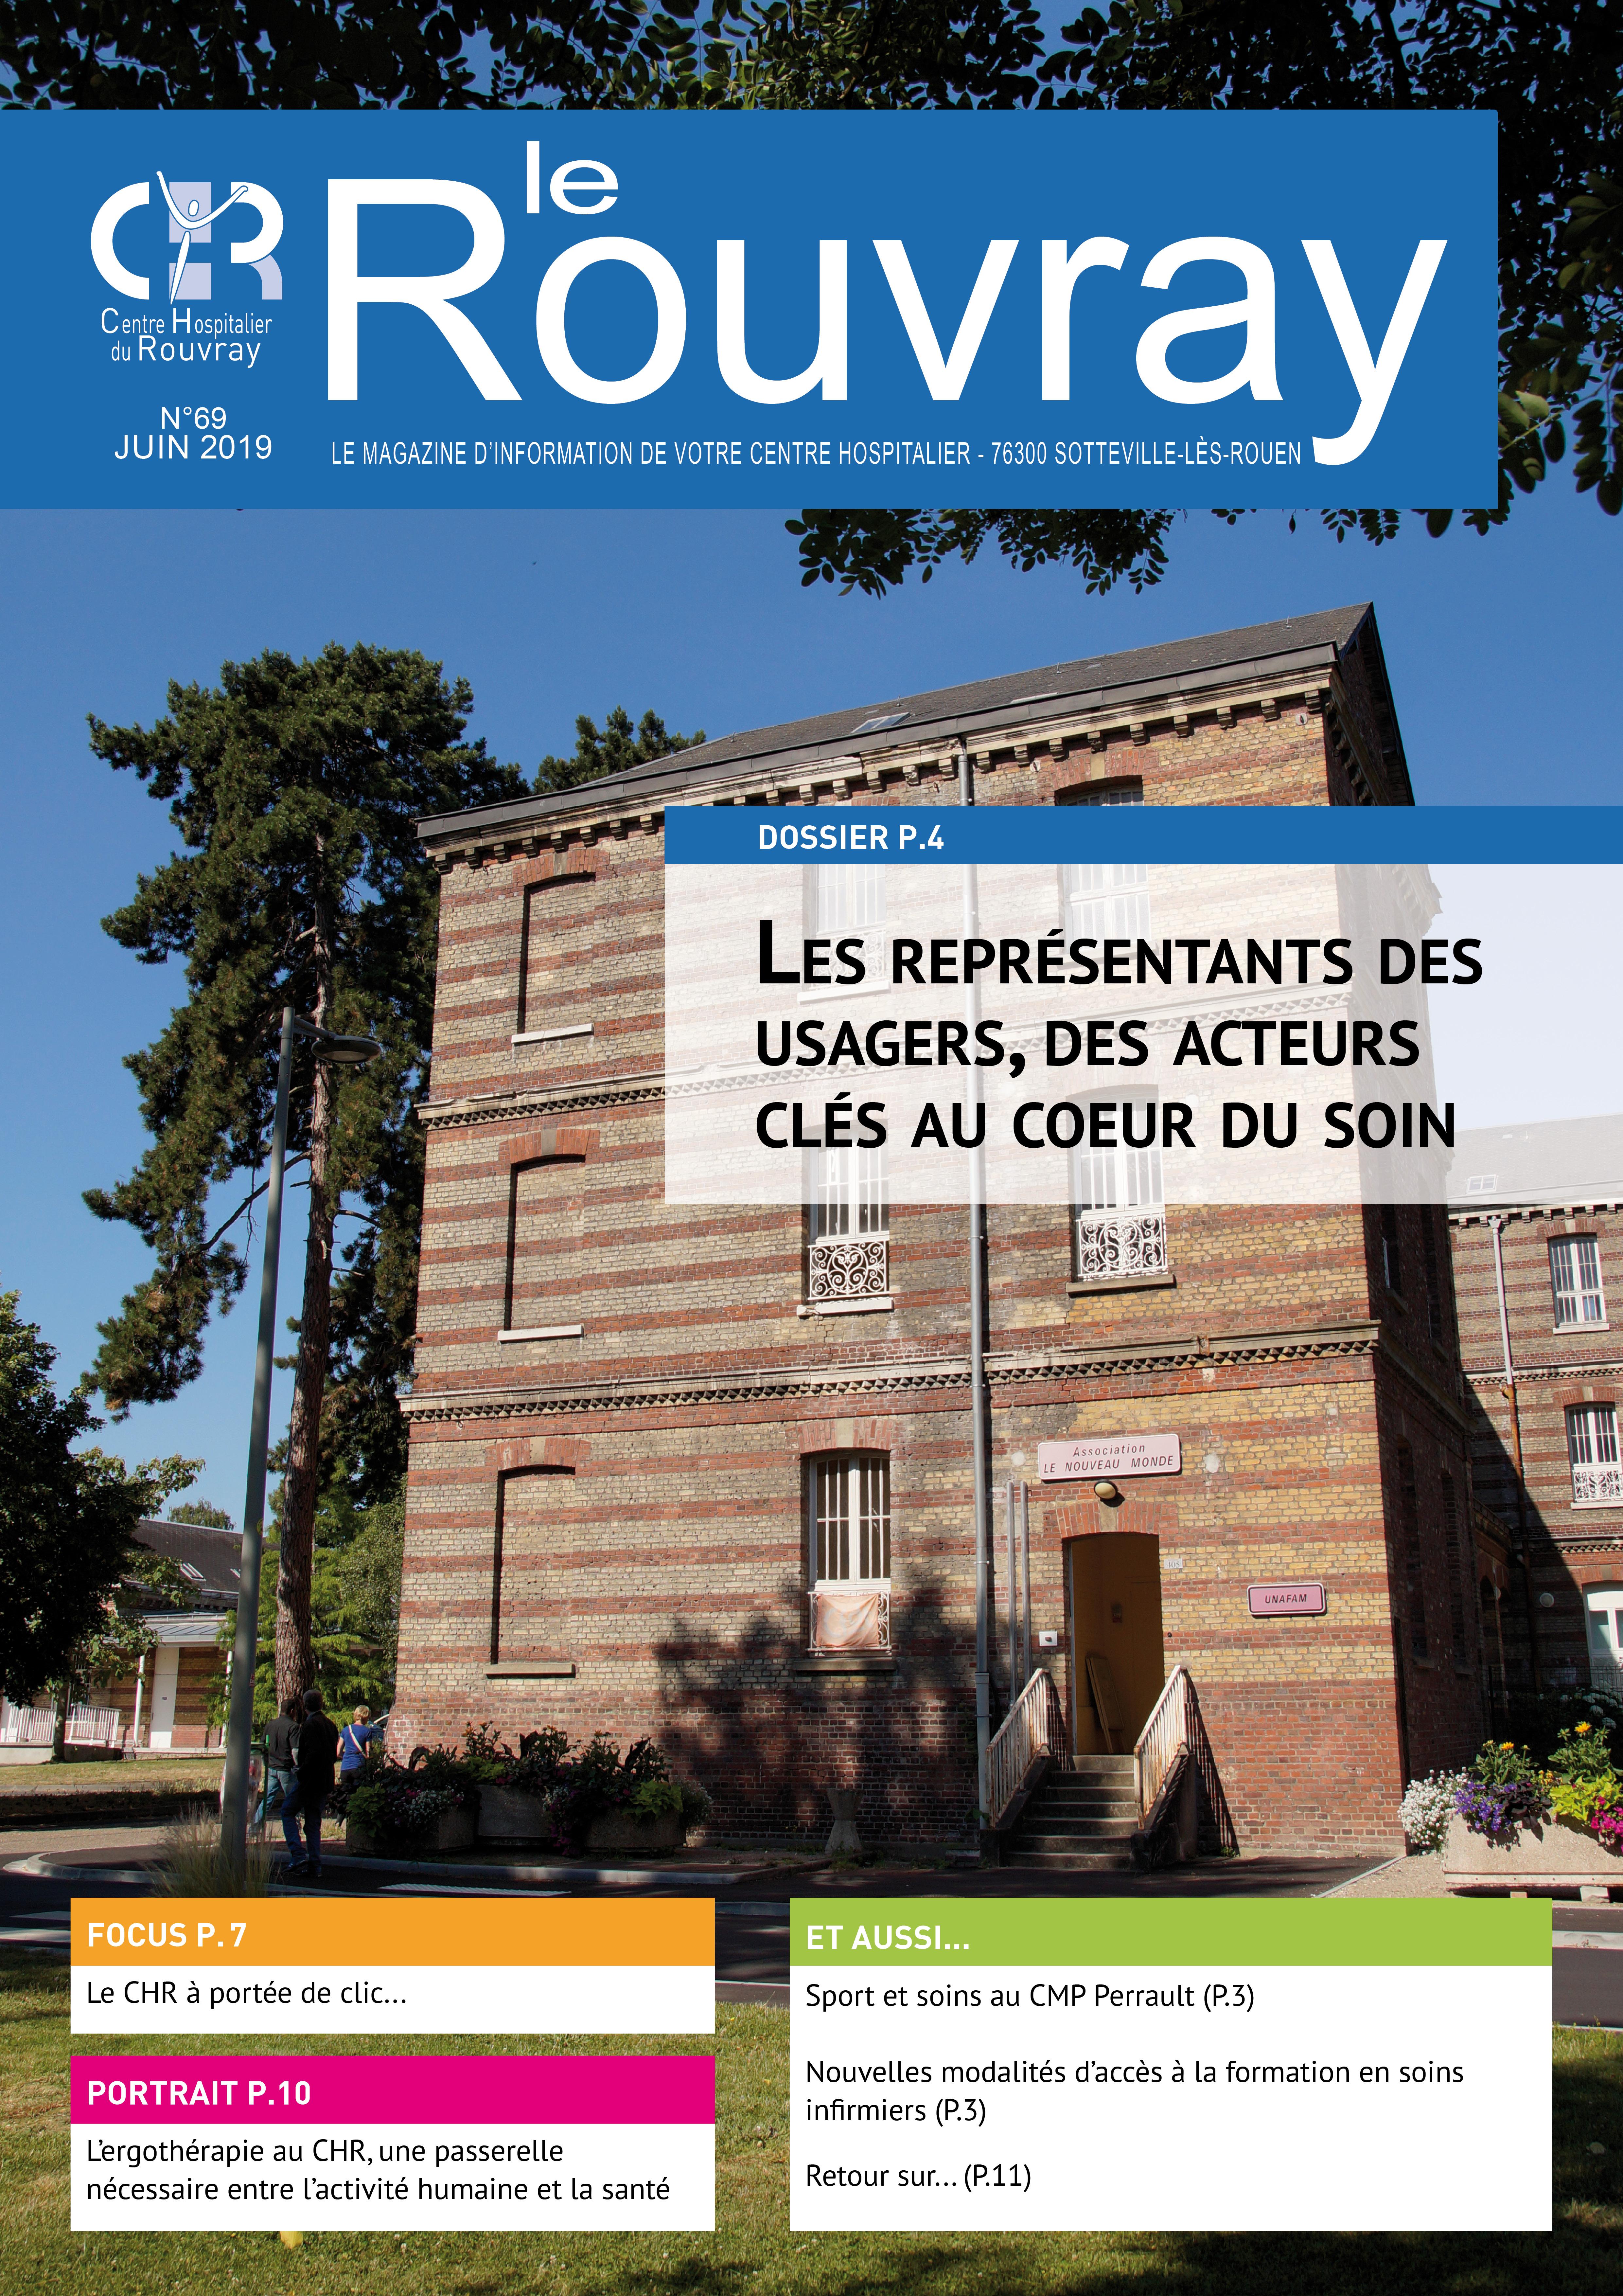 Magazine Le Rouvray n°69 - Dossier sur le rôle des représentants des usagers